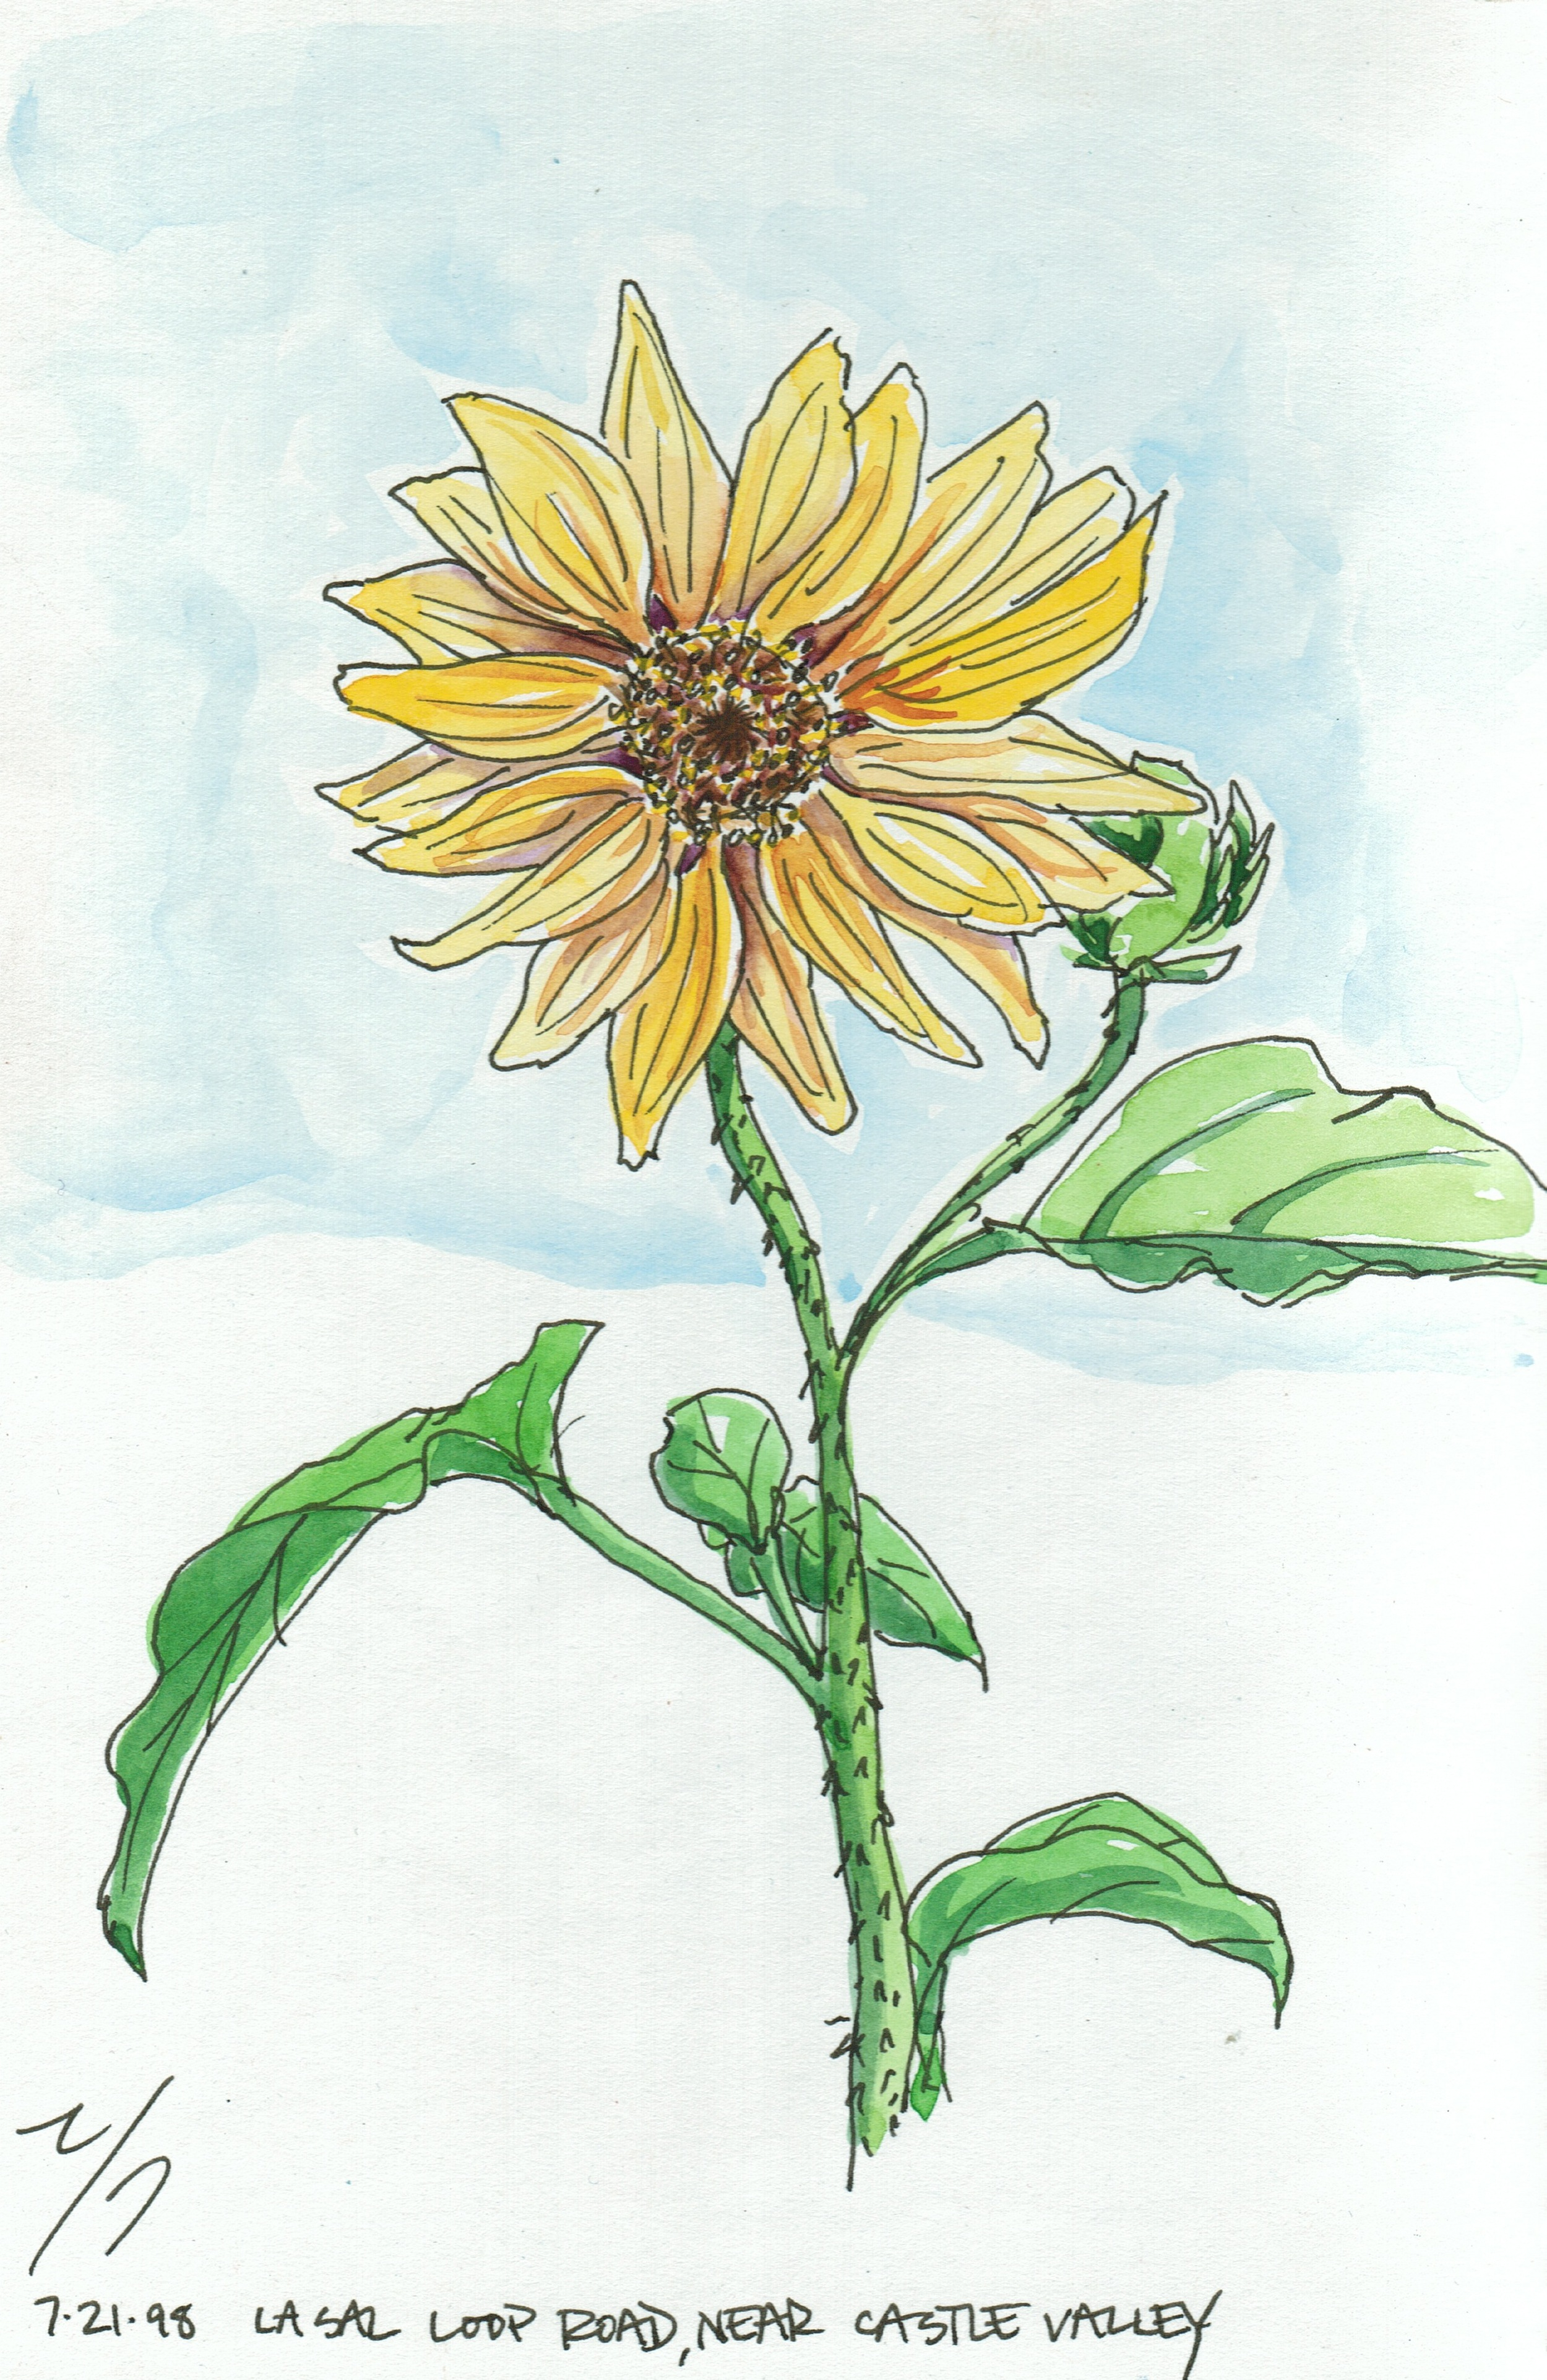 Sunflower1998.jpeg